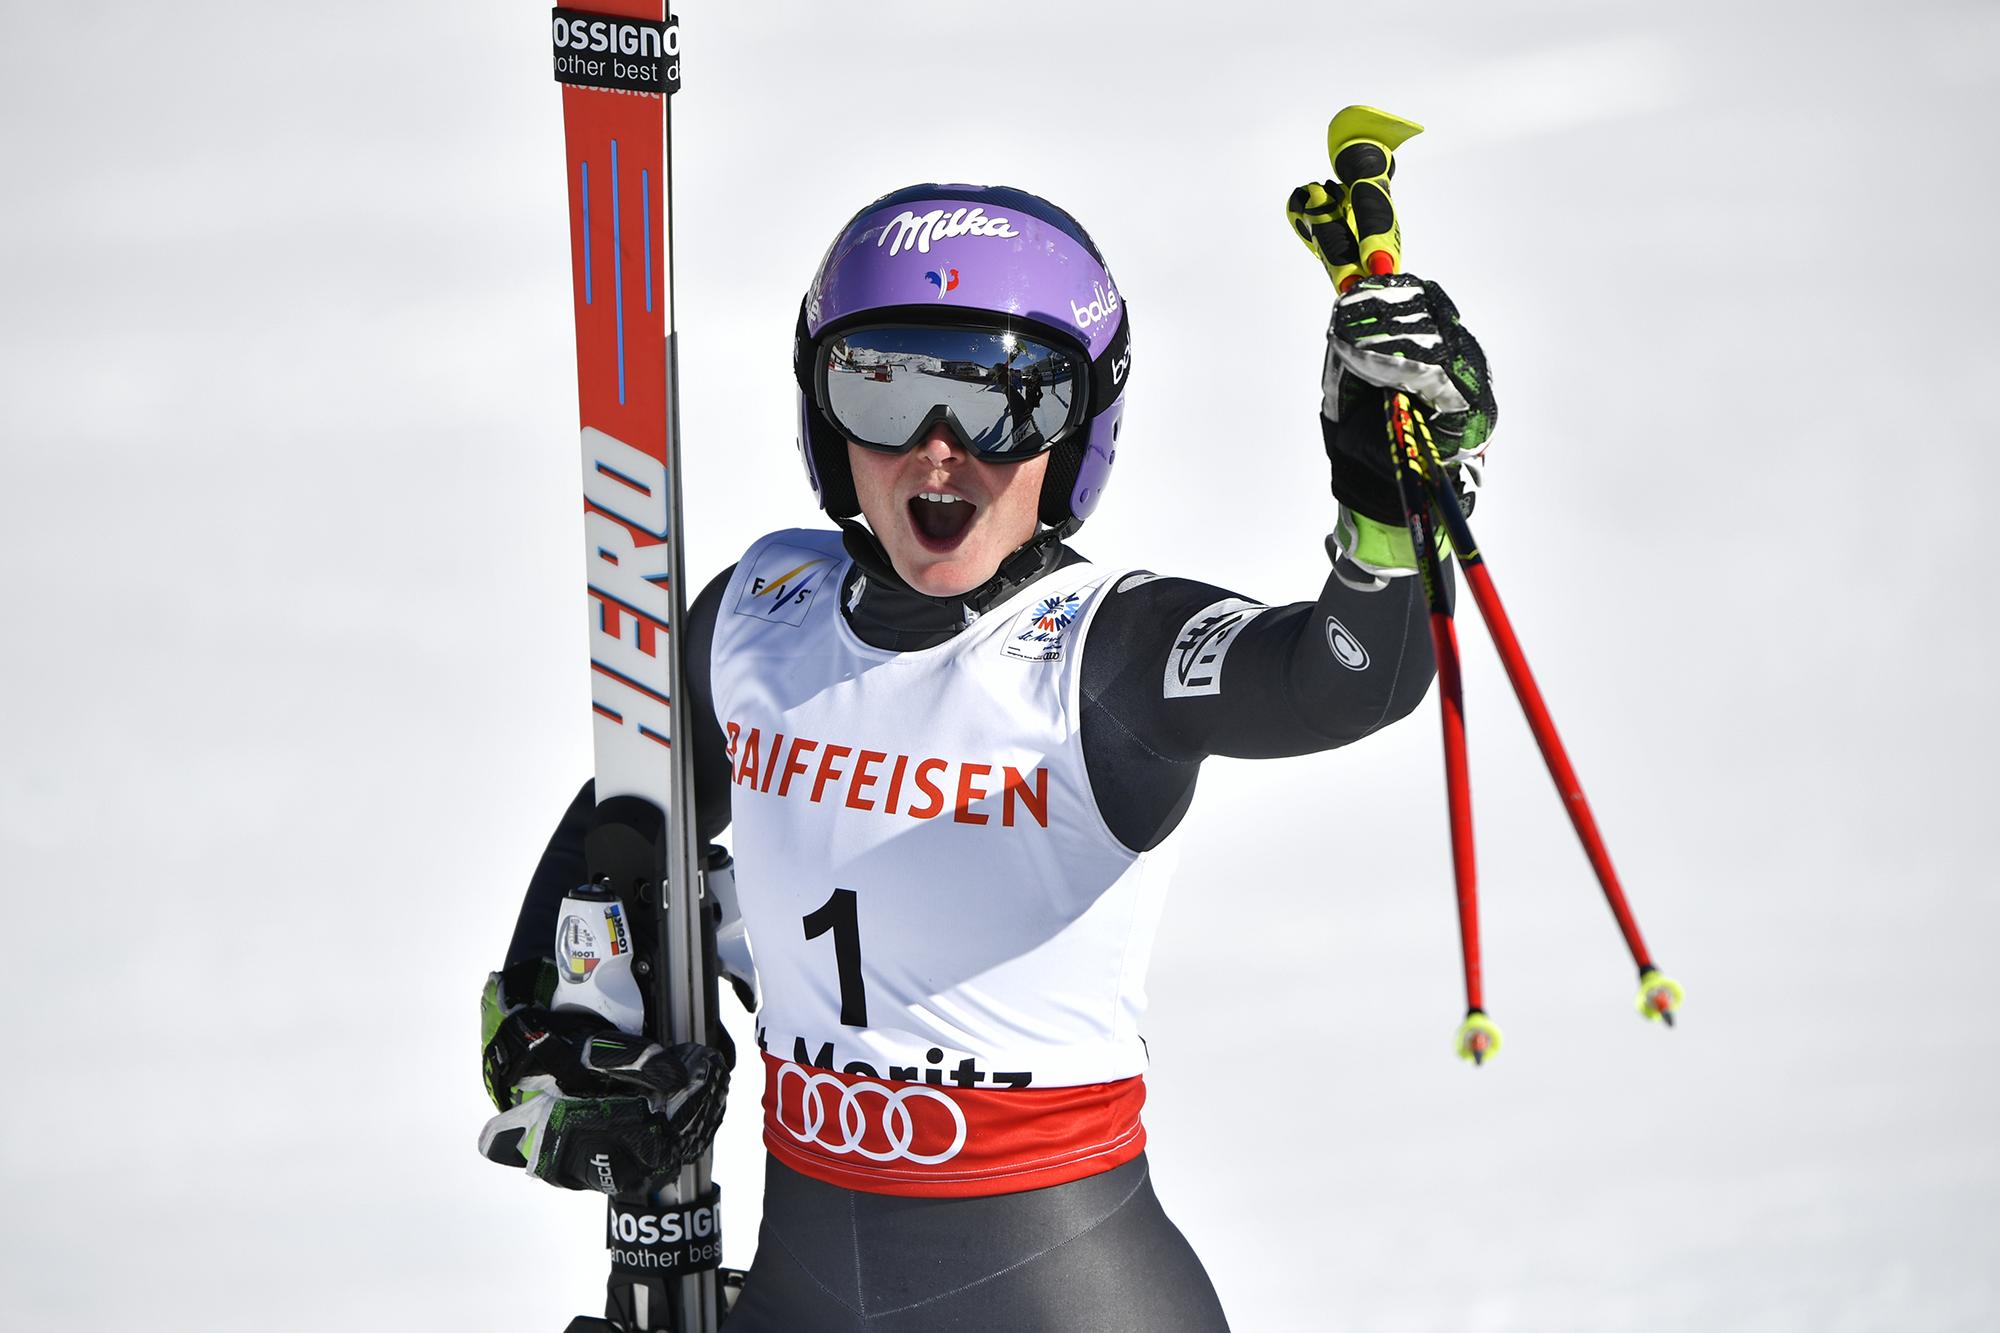 Tessa Worley, le 16 février 2017, à Saint-Moritz.